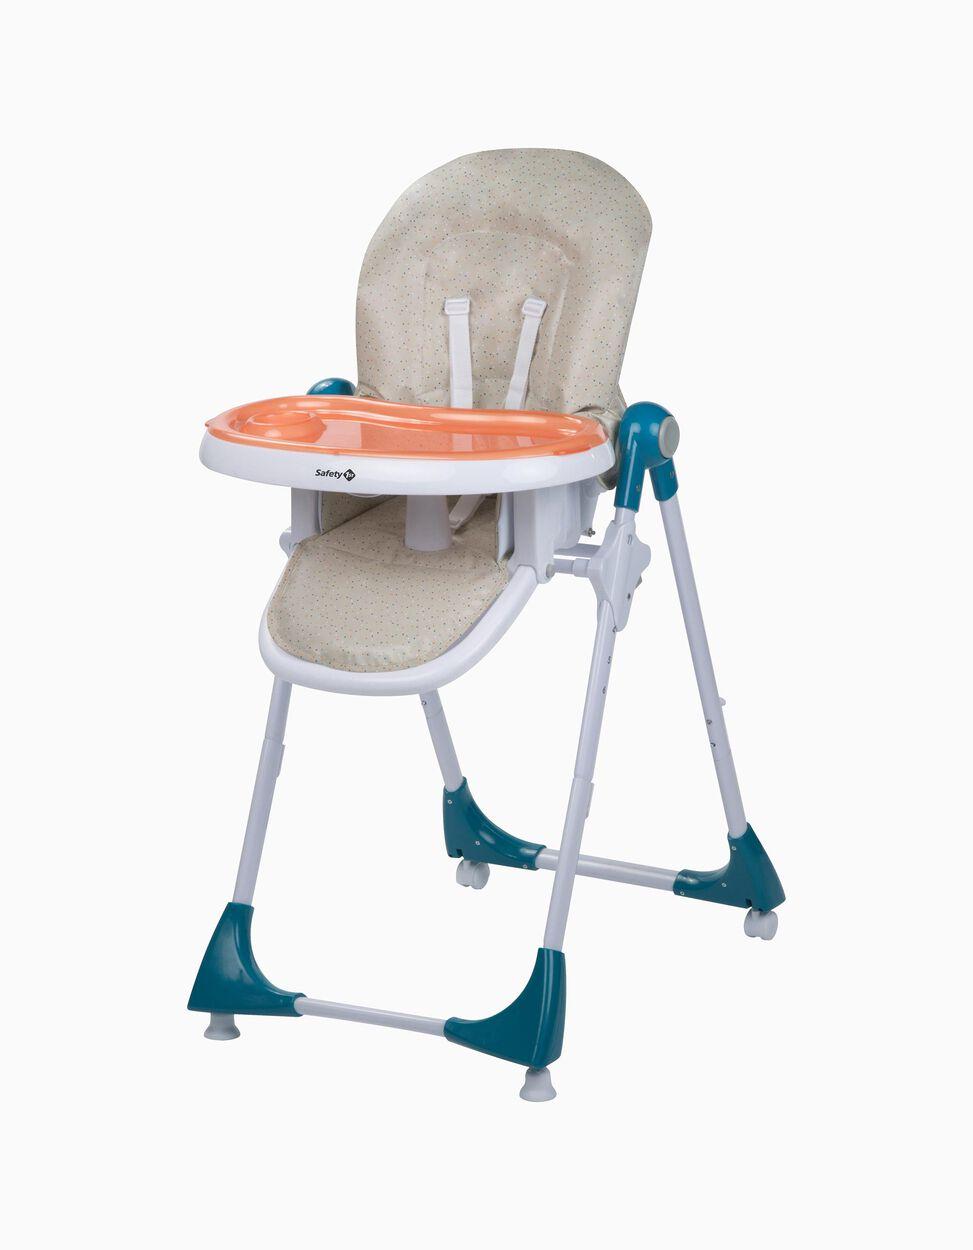 Cadeira Refeição Kiwi Safety 1St